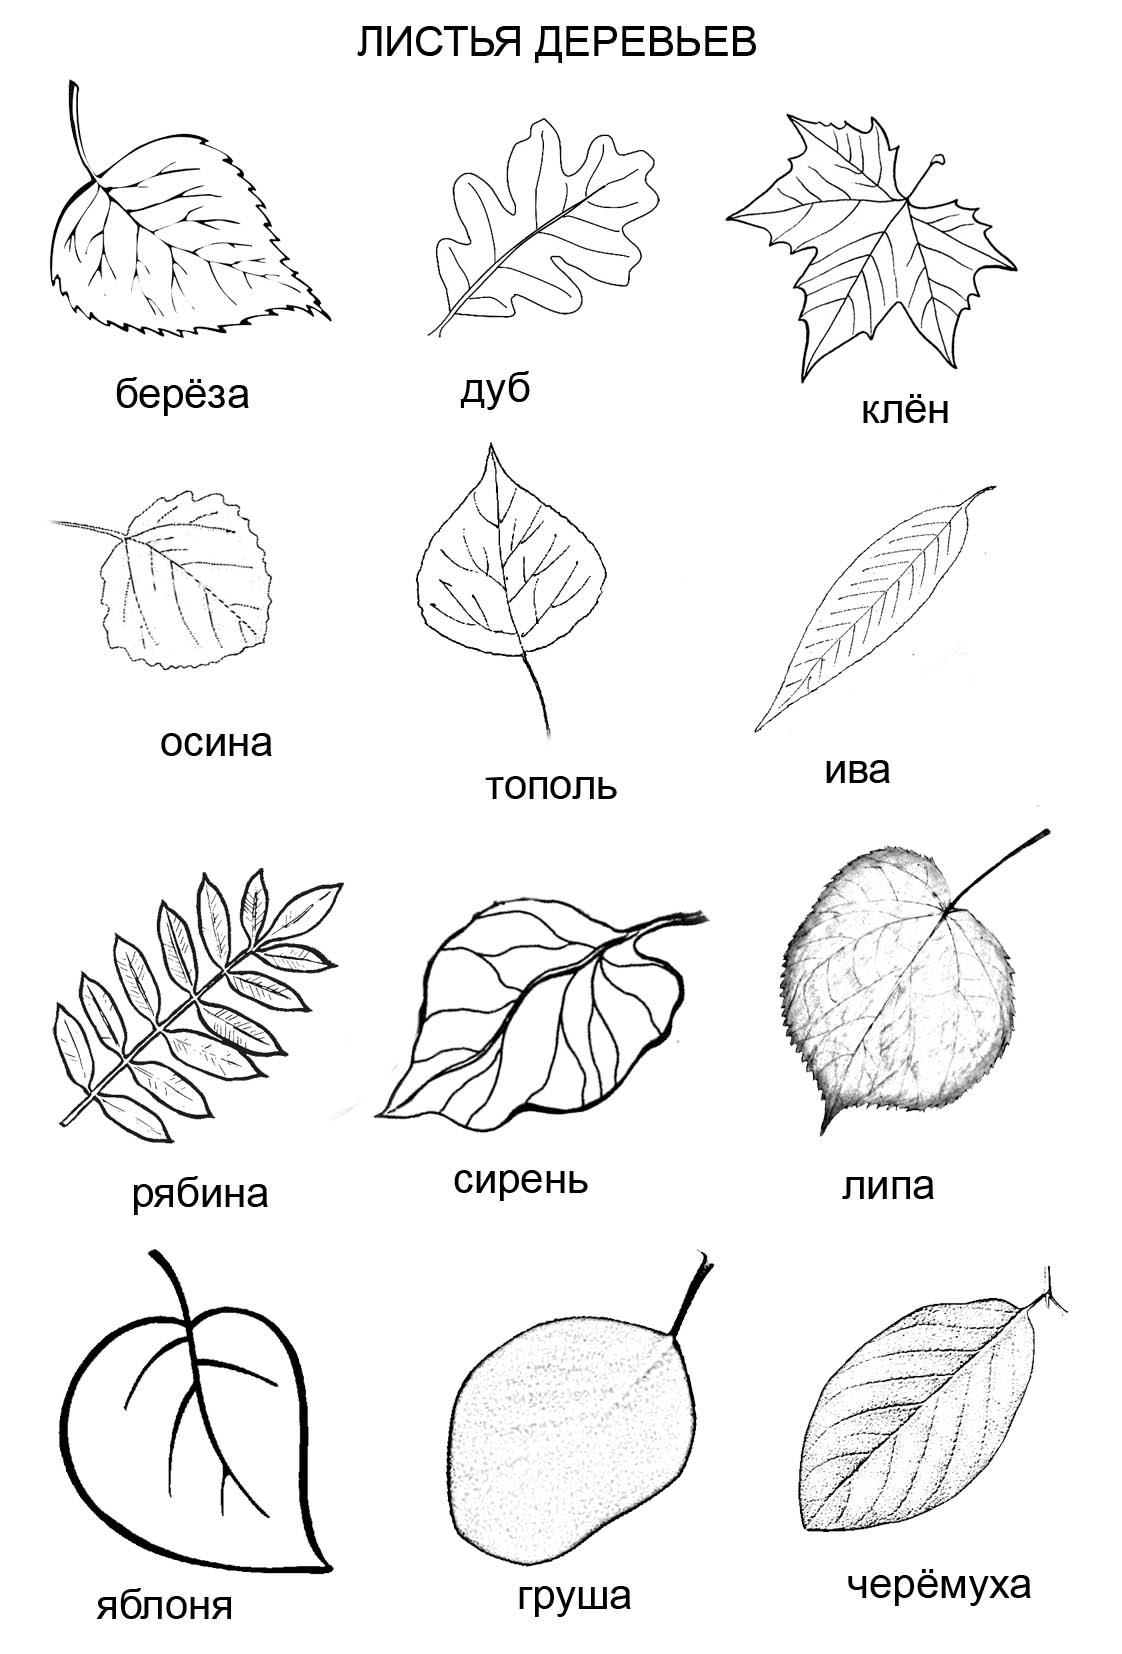 Раскраска «Листья деревьев» (12 видов)